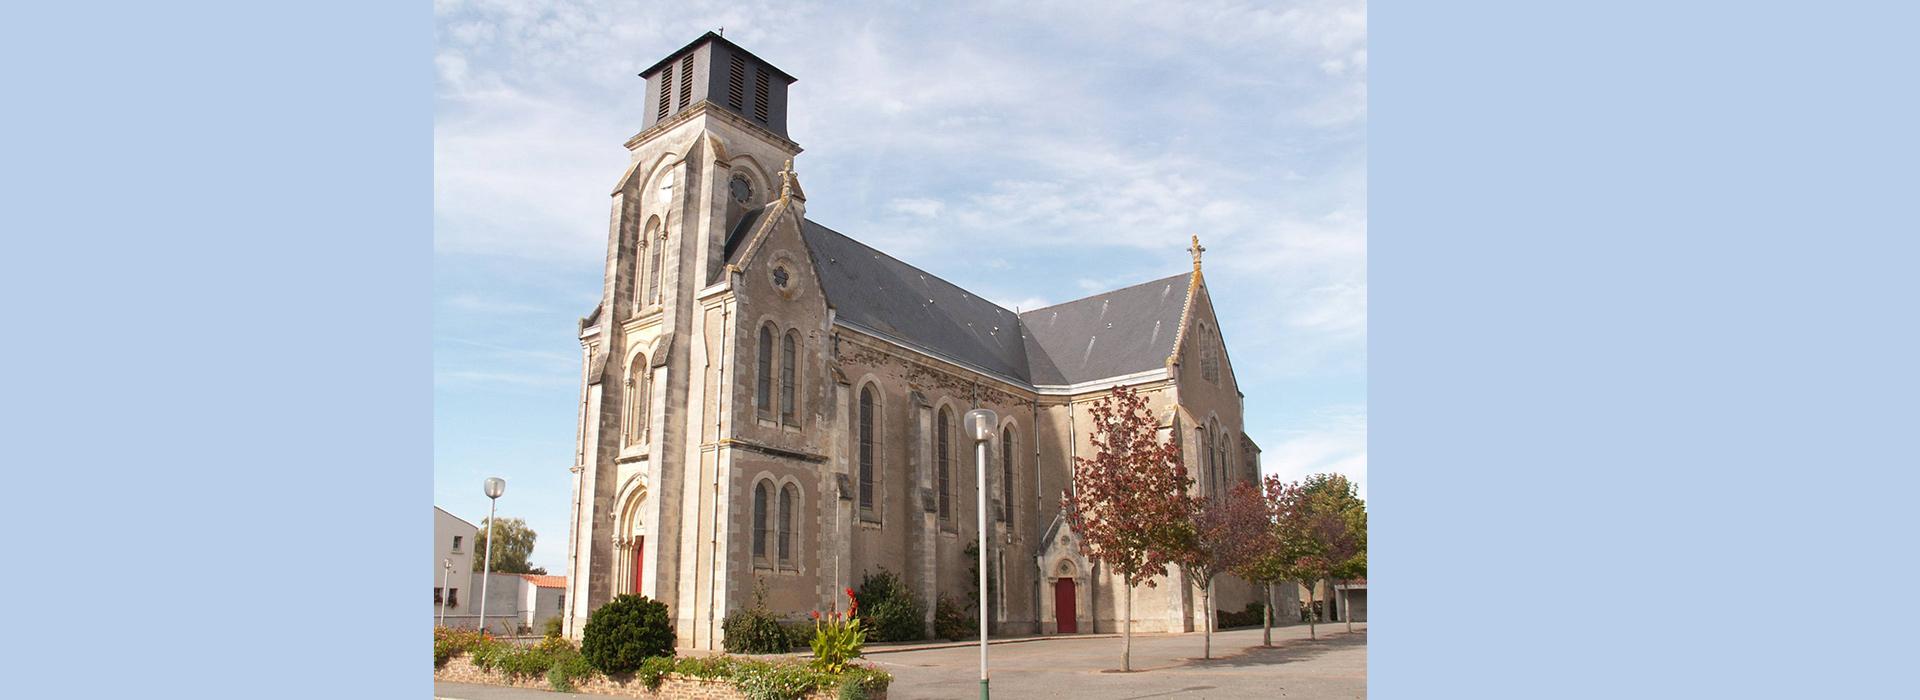 Paroisse Machecoul église La Marne 44 Nantes sud loire